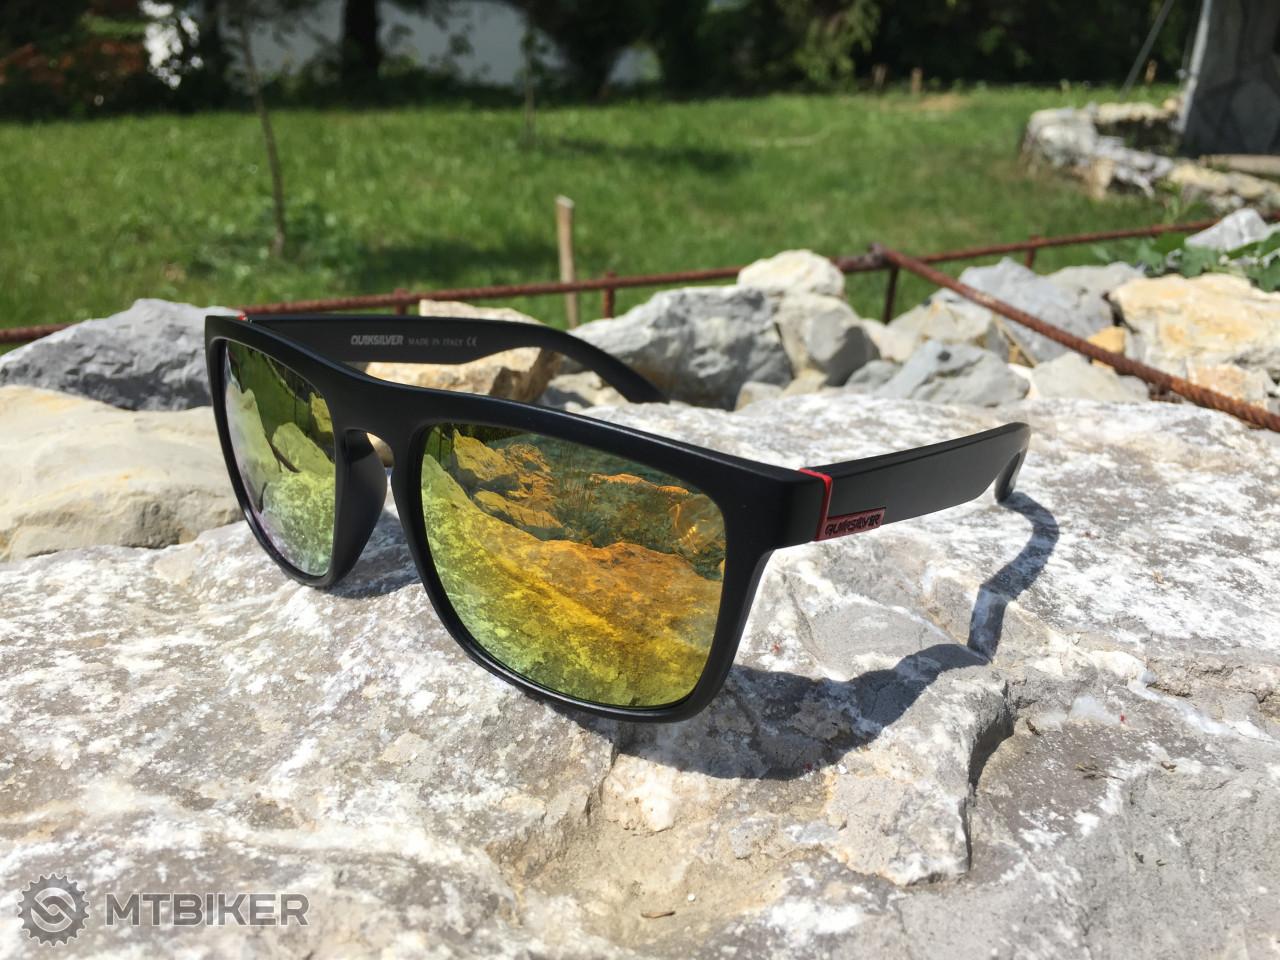 Quicksilver Slnečné Okuliare - Príslušenstvo - Okuliare - Bazár MTBIKER 2997e8c2e3b